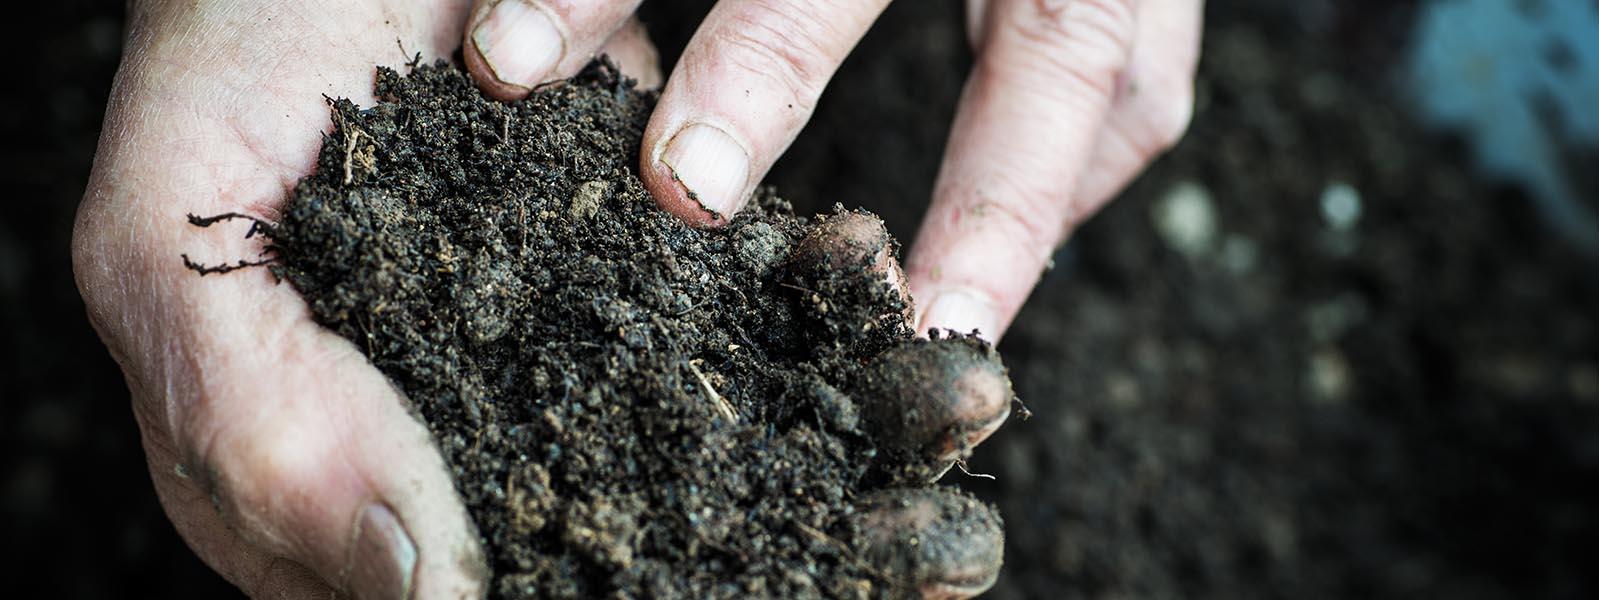 Mains d'agriculteur dans la terre